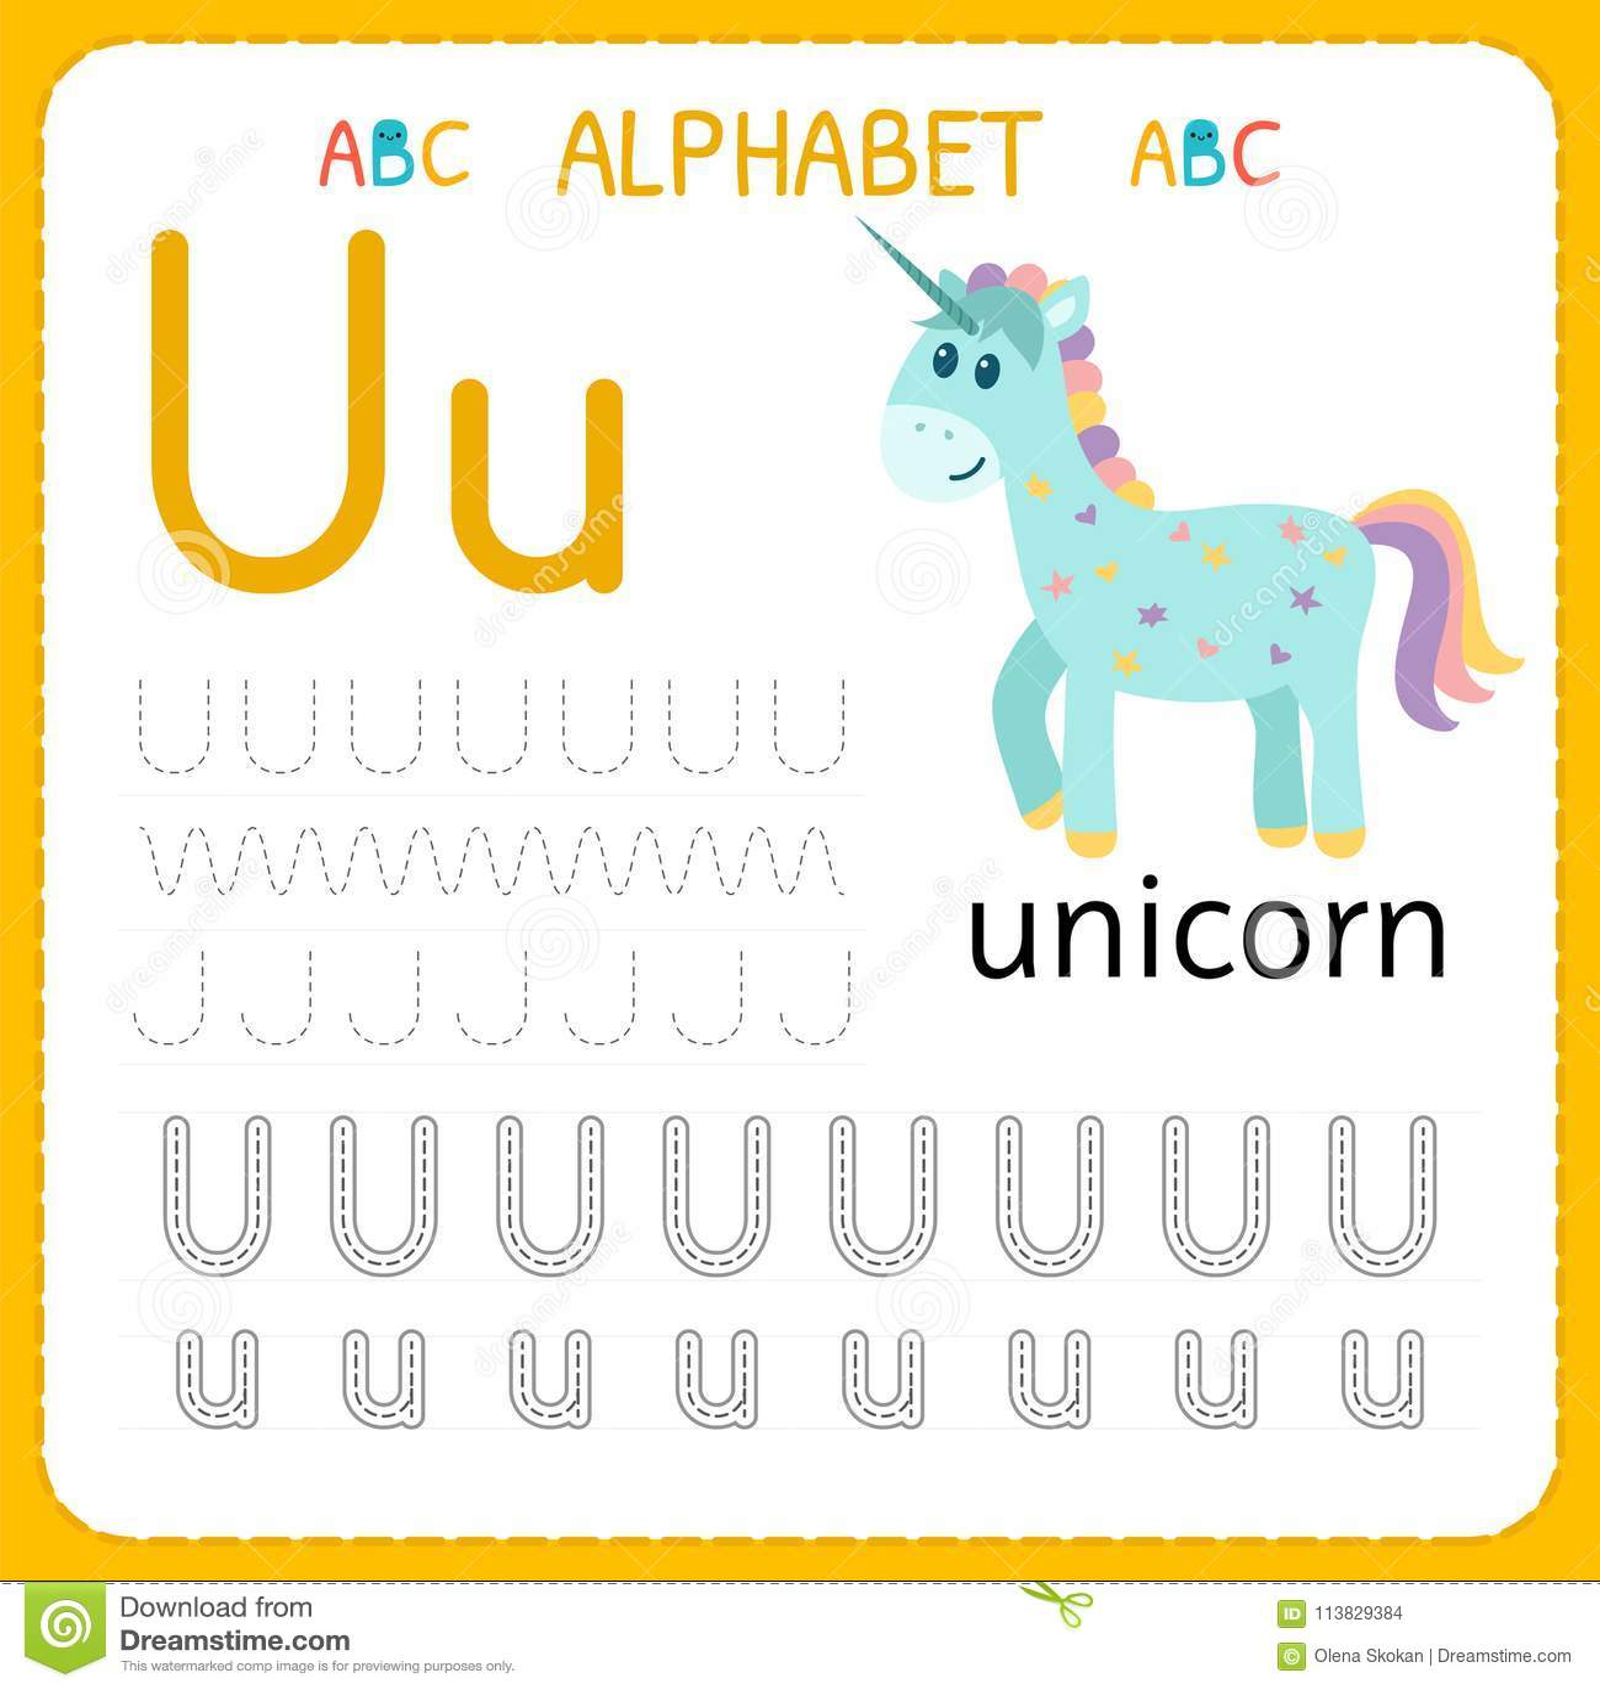 Alphabet Tracing Worksheet For Preschool And Kindergarten ...